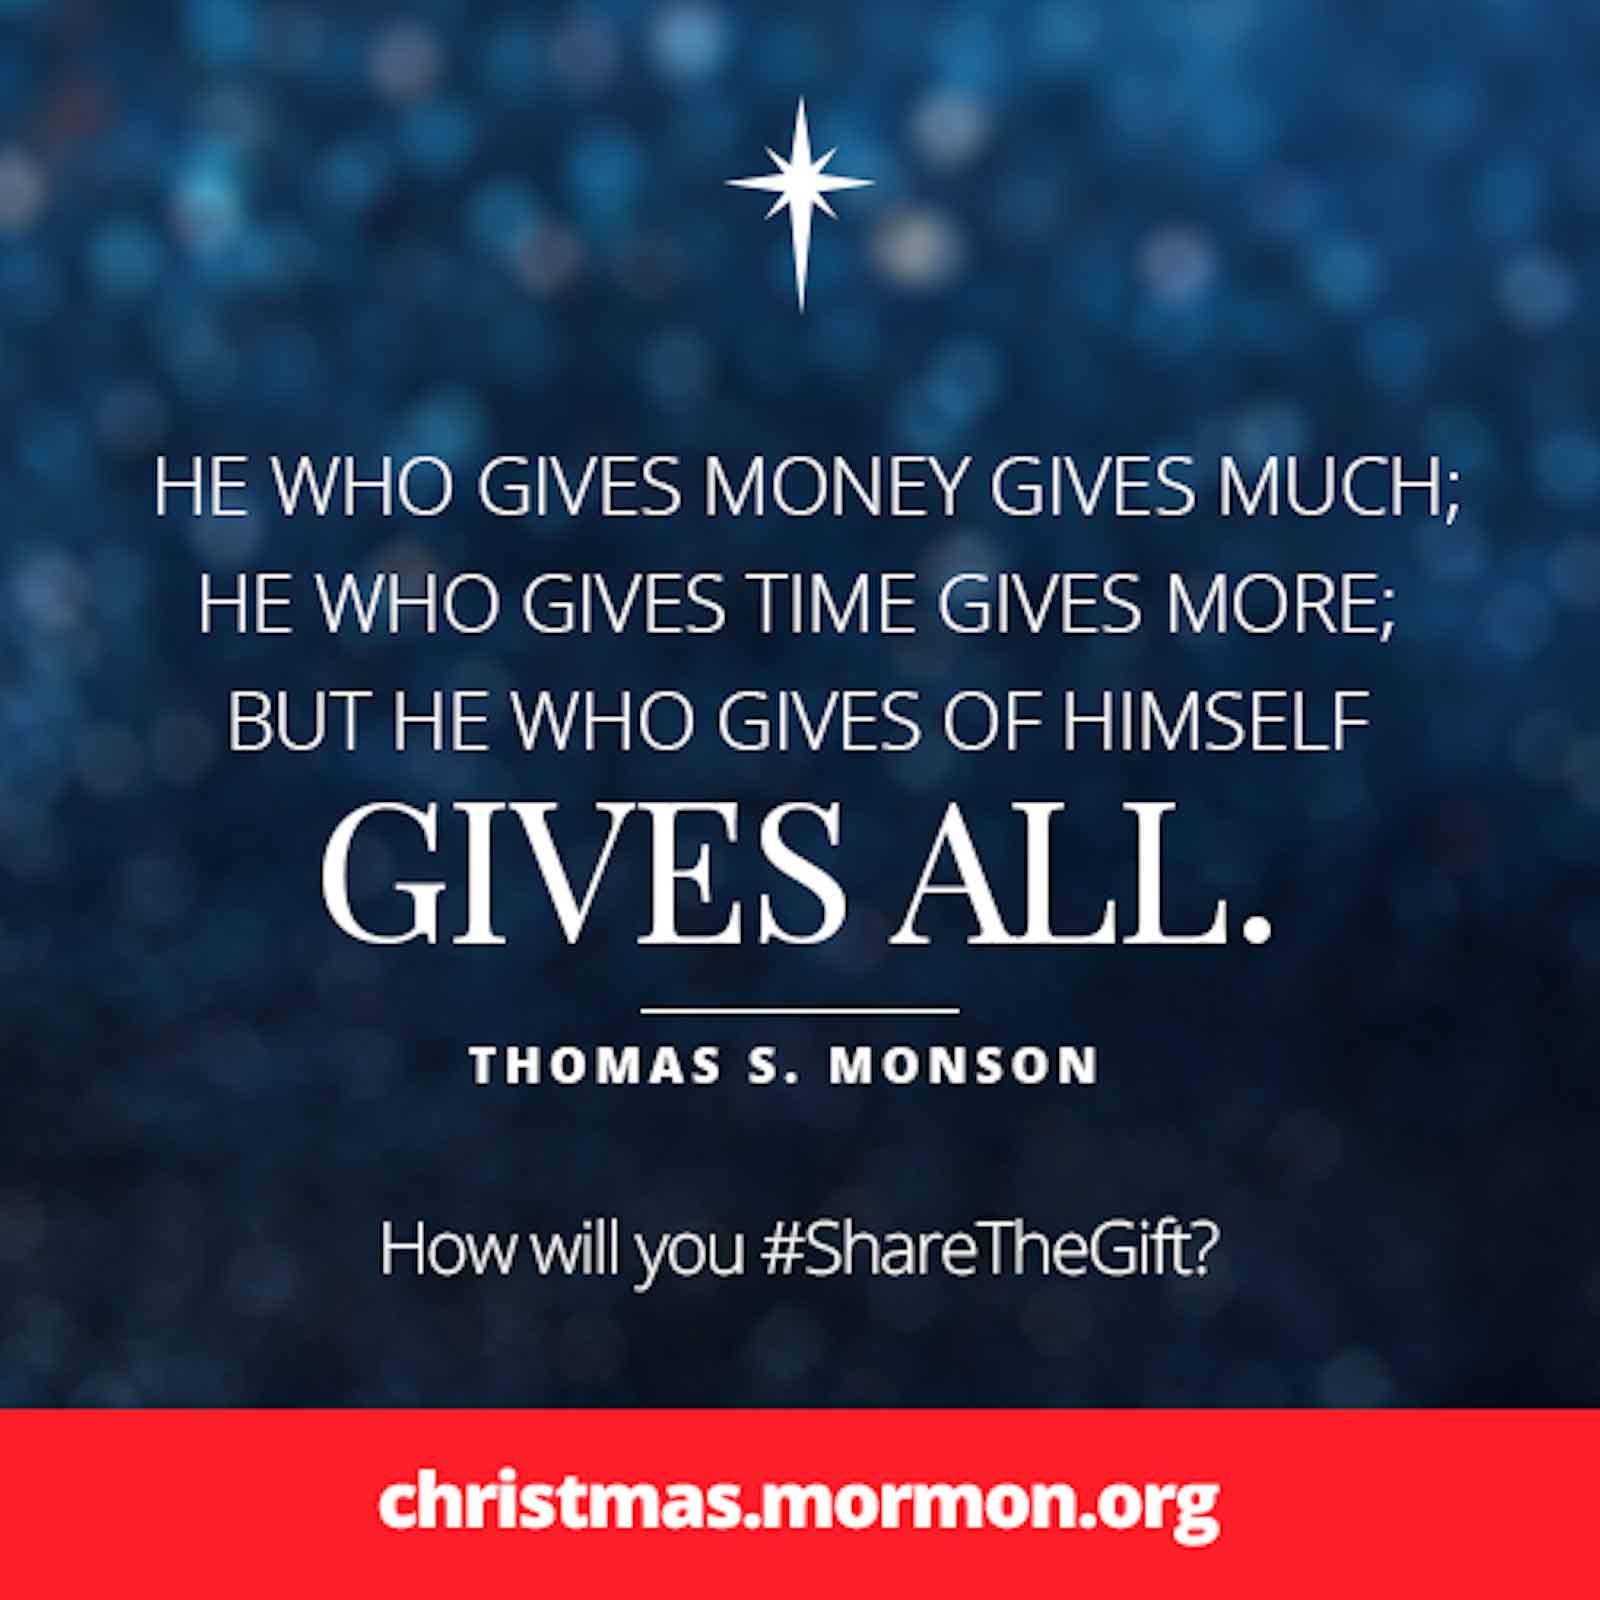 meme-christmas-monson-(2)